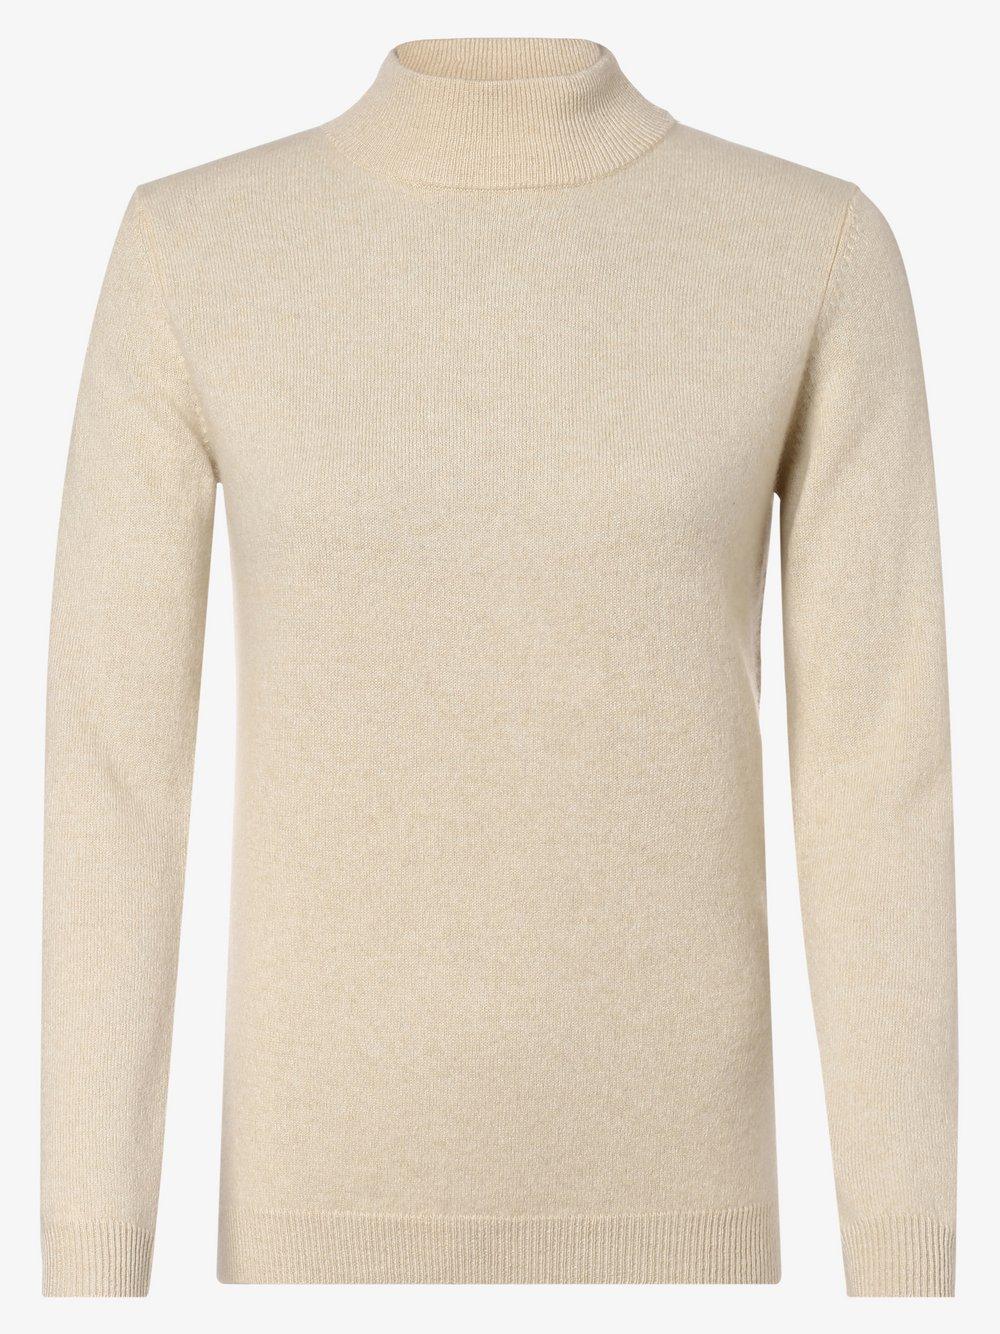 SvB Exquisit – Sweter damski z czystego kaszmiru, beżowy Van Graaf 443451-0004